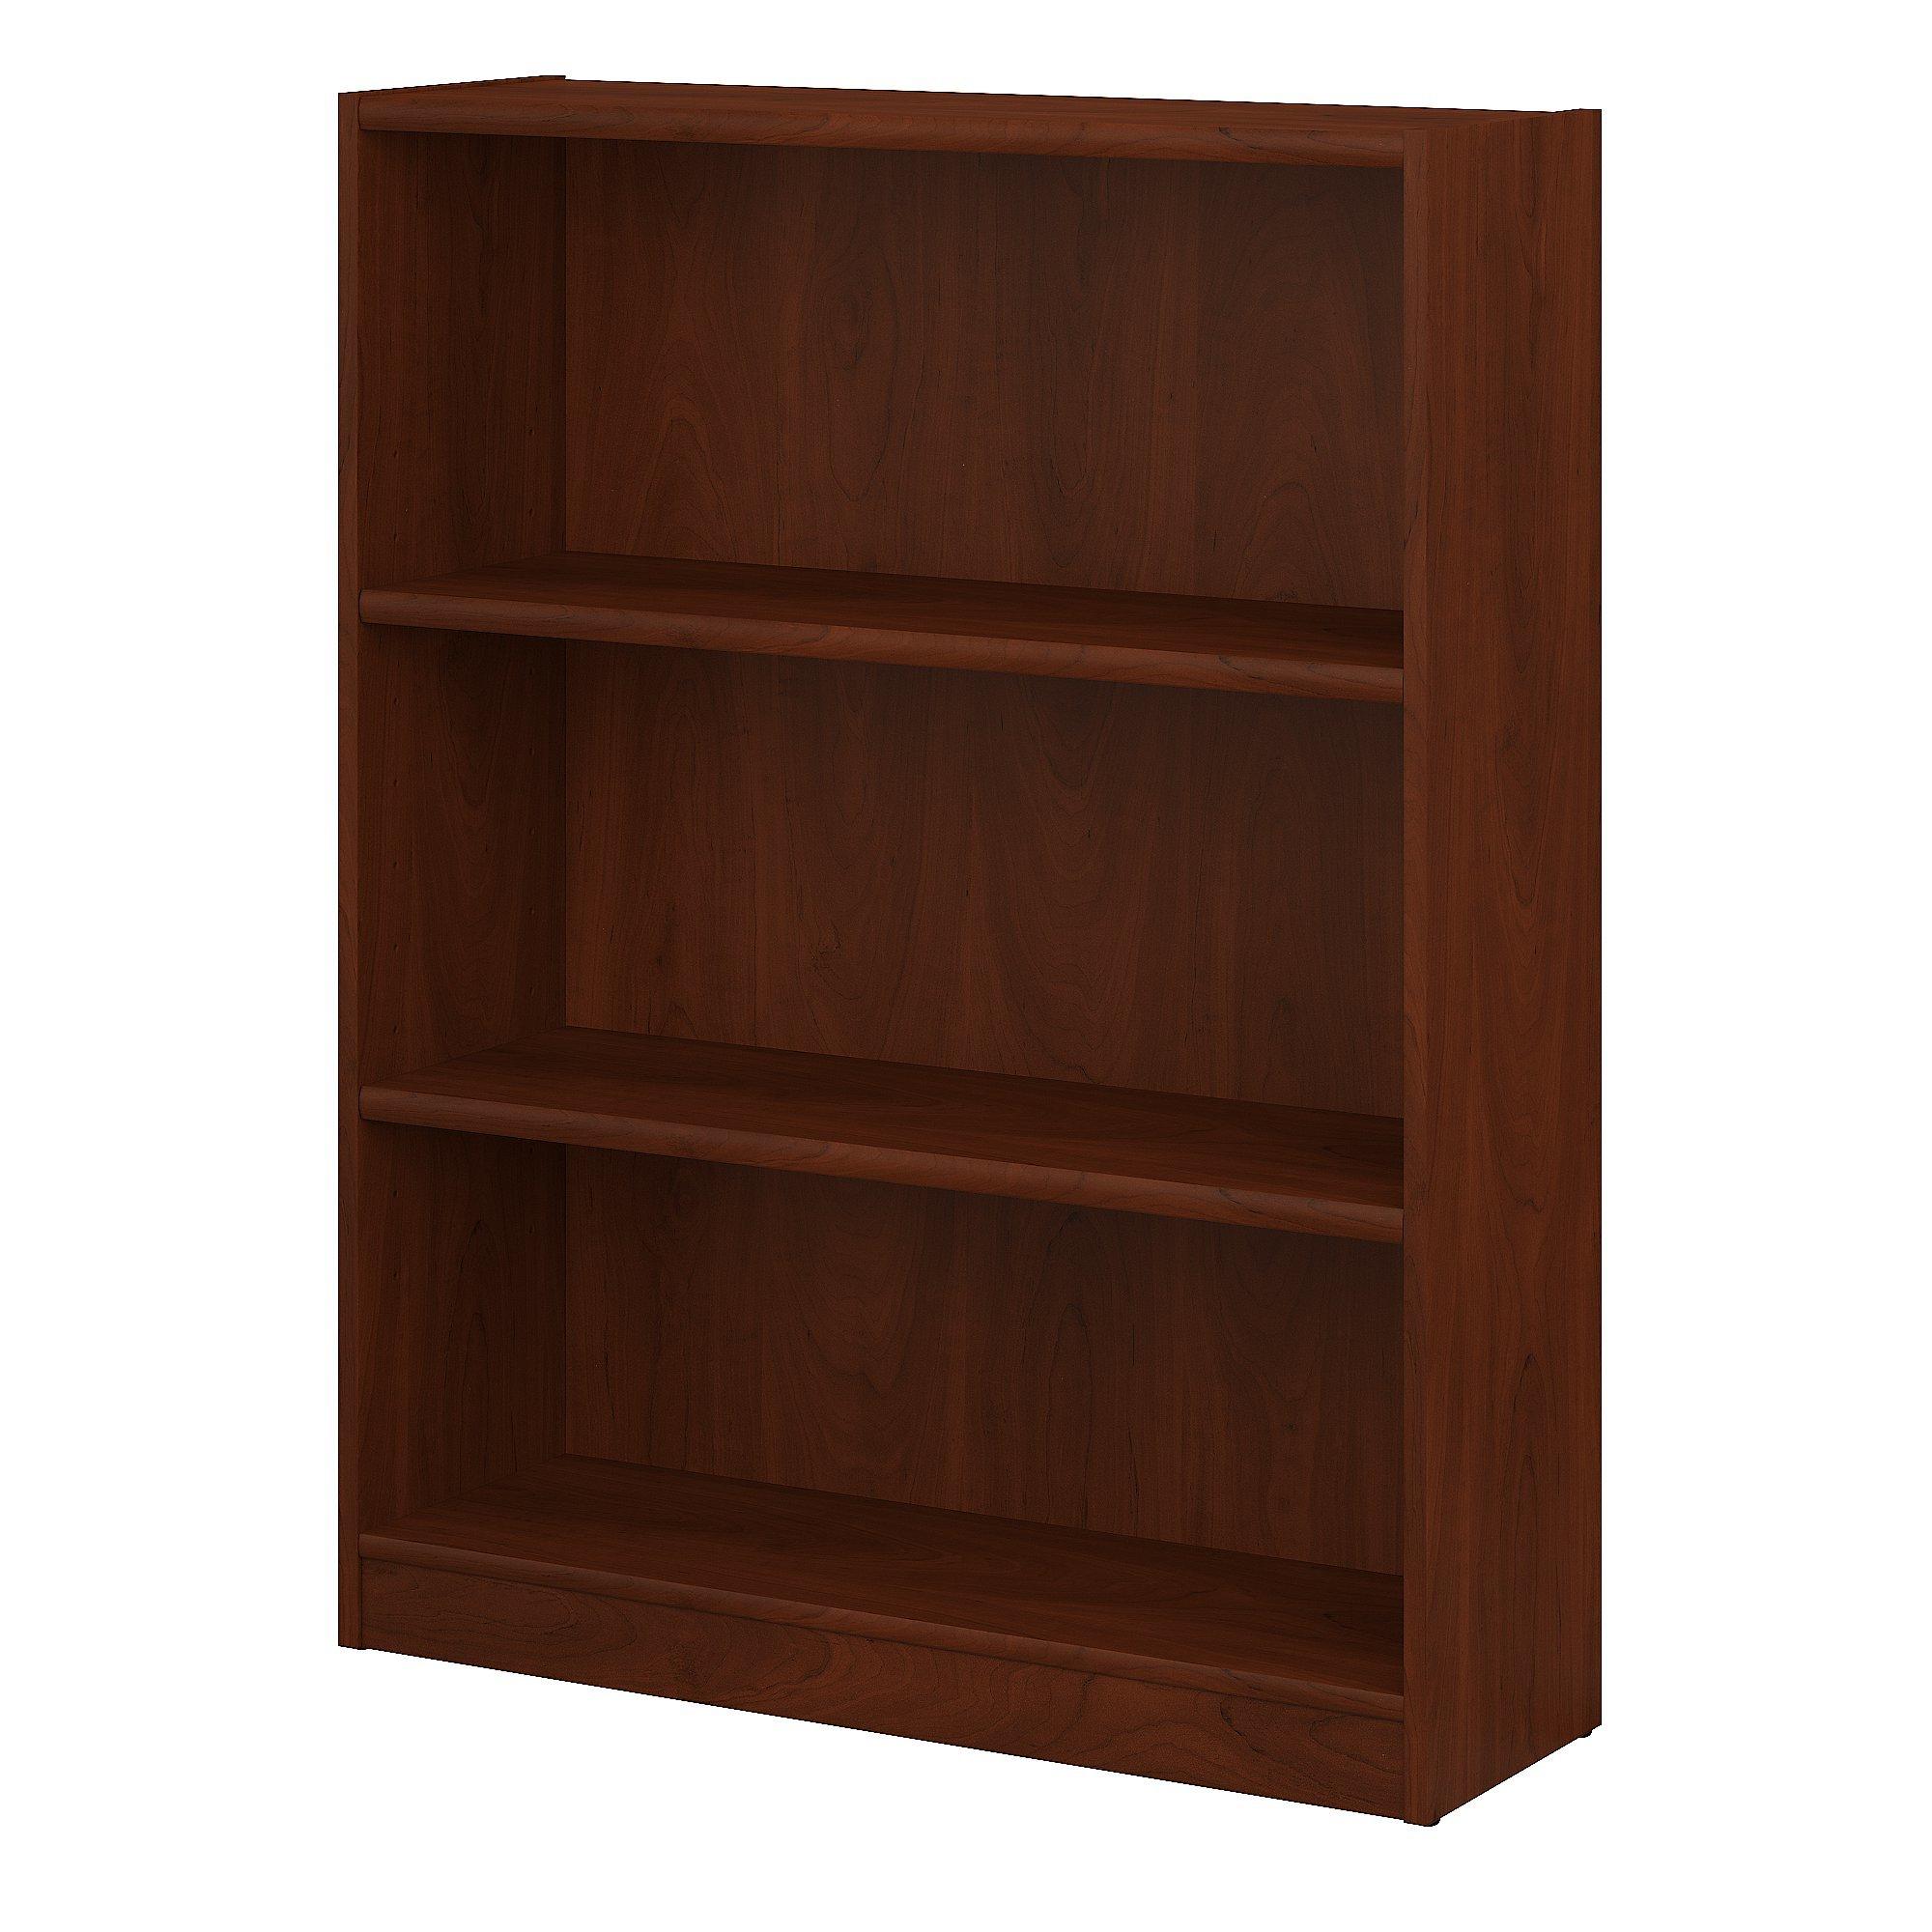 Most Current Kirkbride Standard Bookcase Within Kirkbride Standard Bookcases (View 6 of 20)